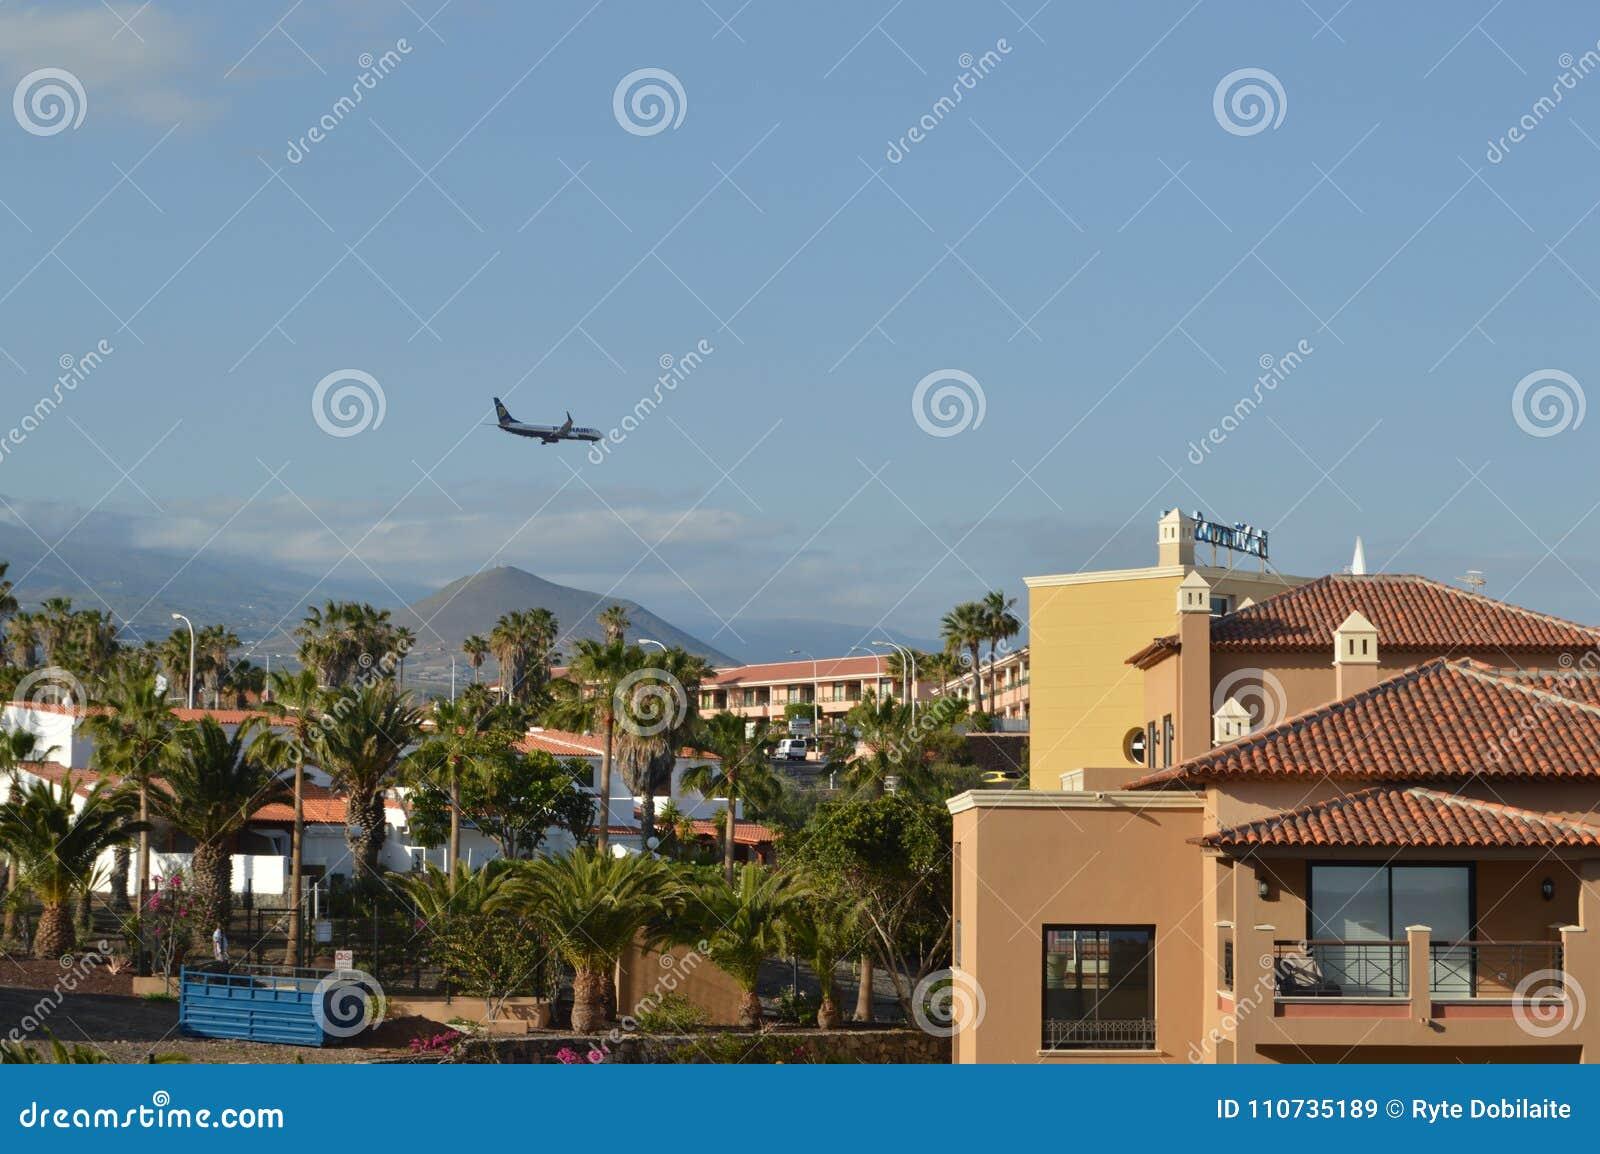 Desantowy samolot w Tenerife